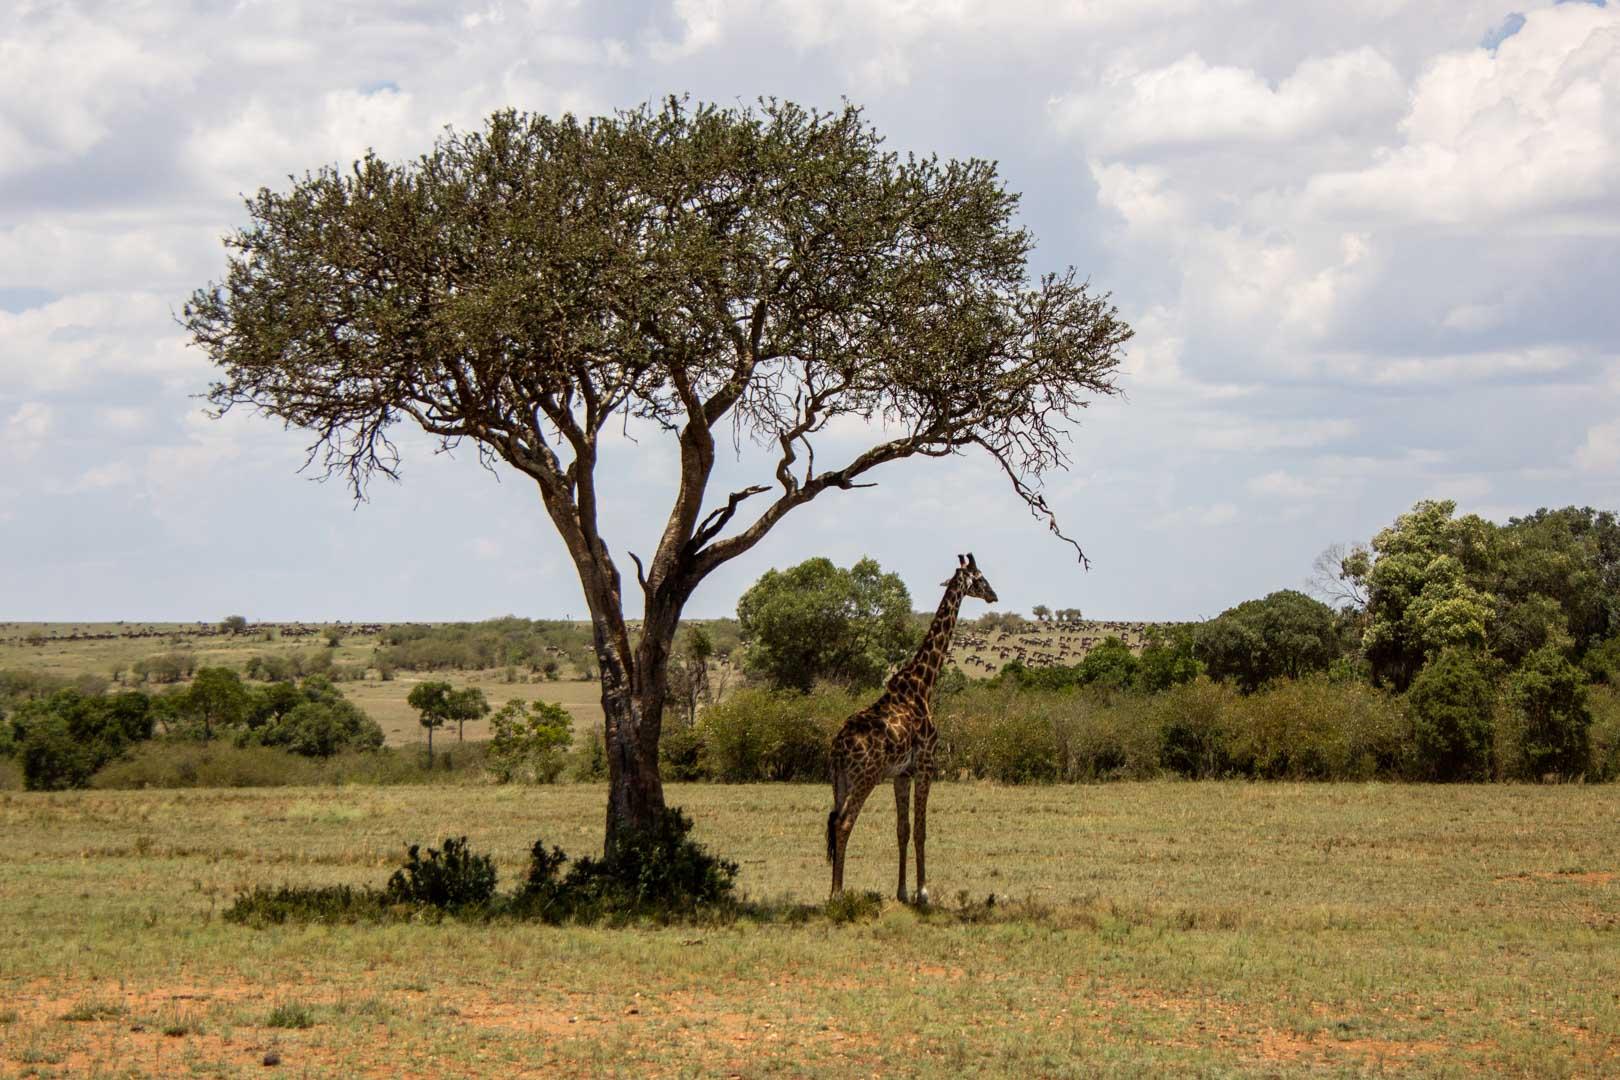 Jirafa a la sombra de un árbol, Masai Mara, Kenia